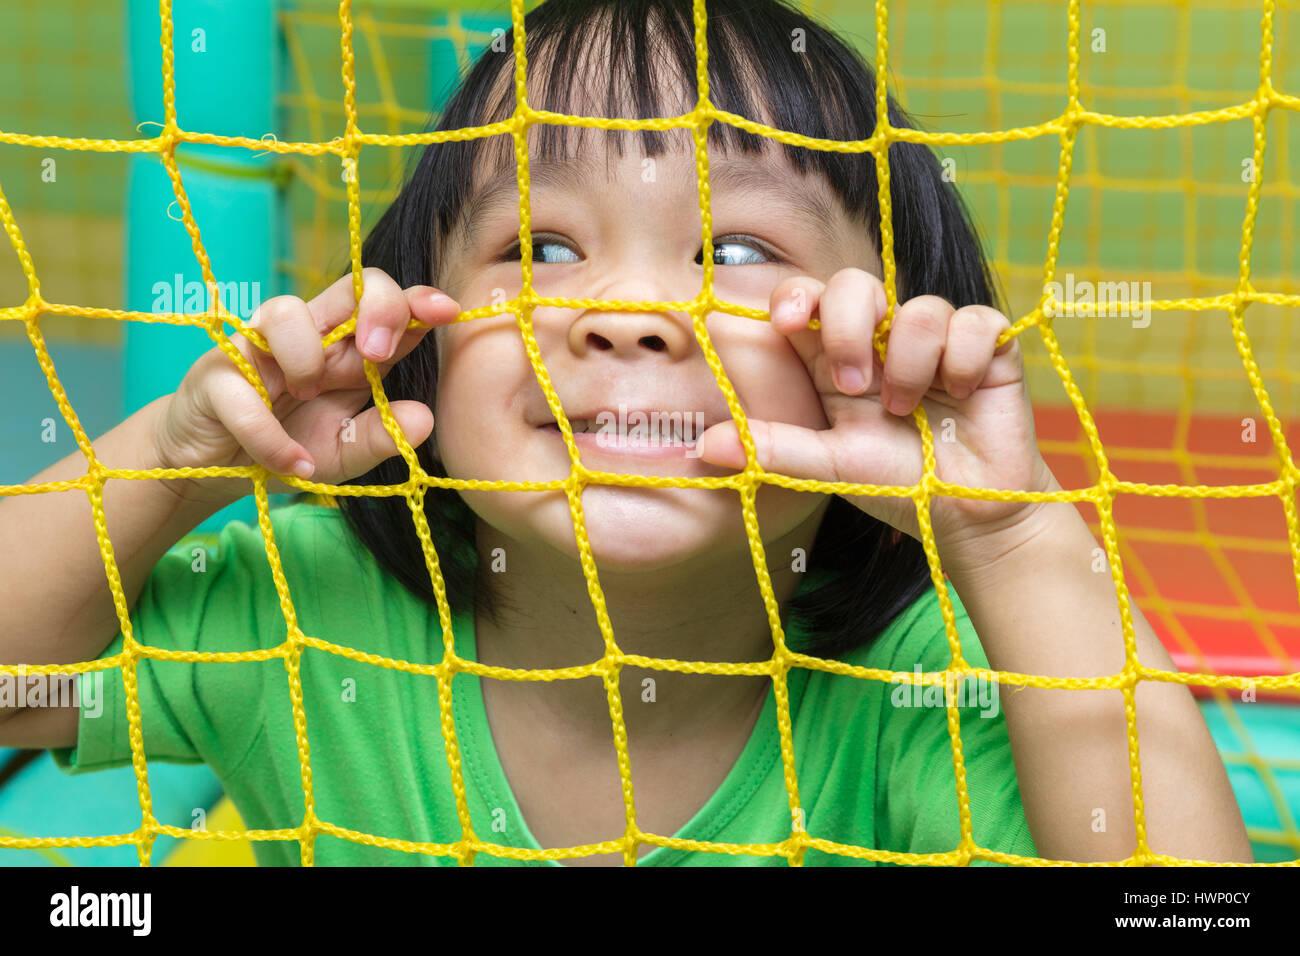 Chinois asiatique petite fille jouant derrière le filet au jeu intérieur. Photo Stock